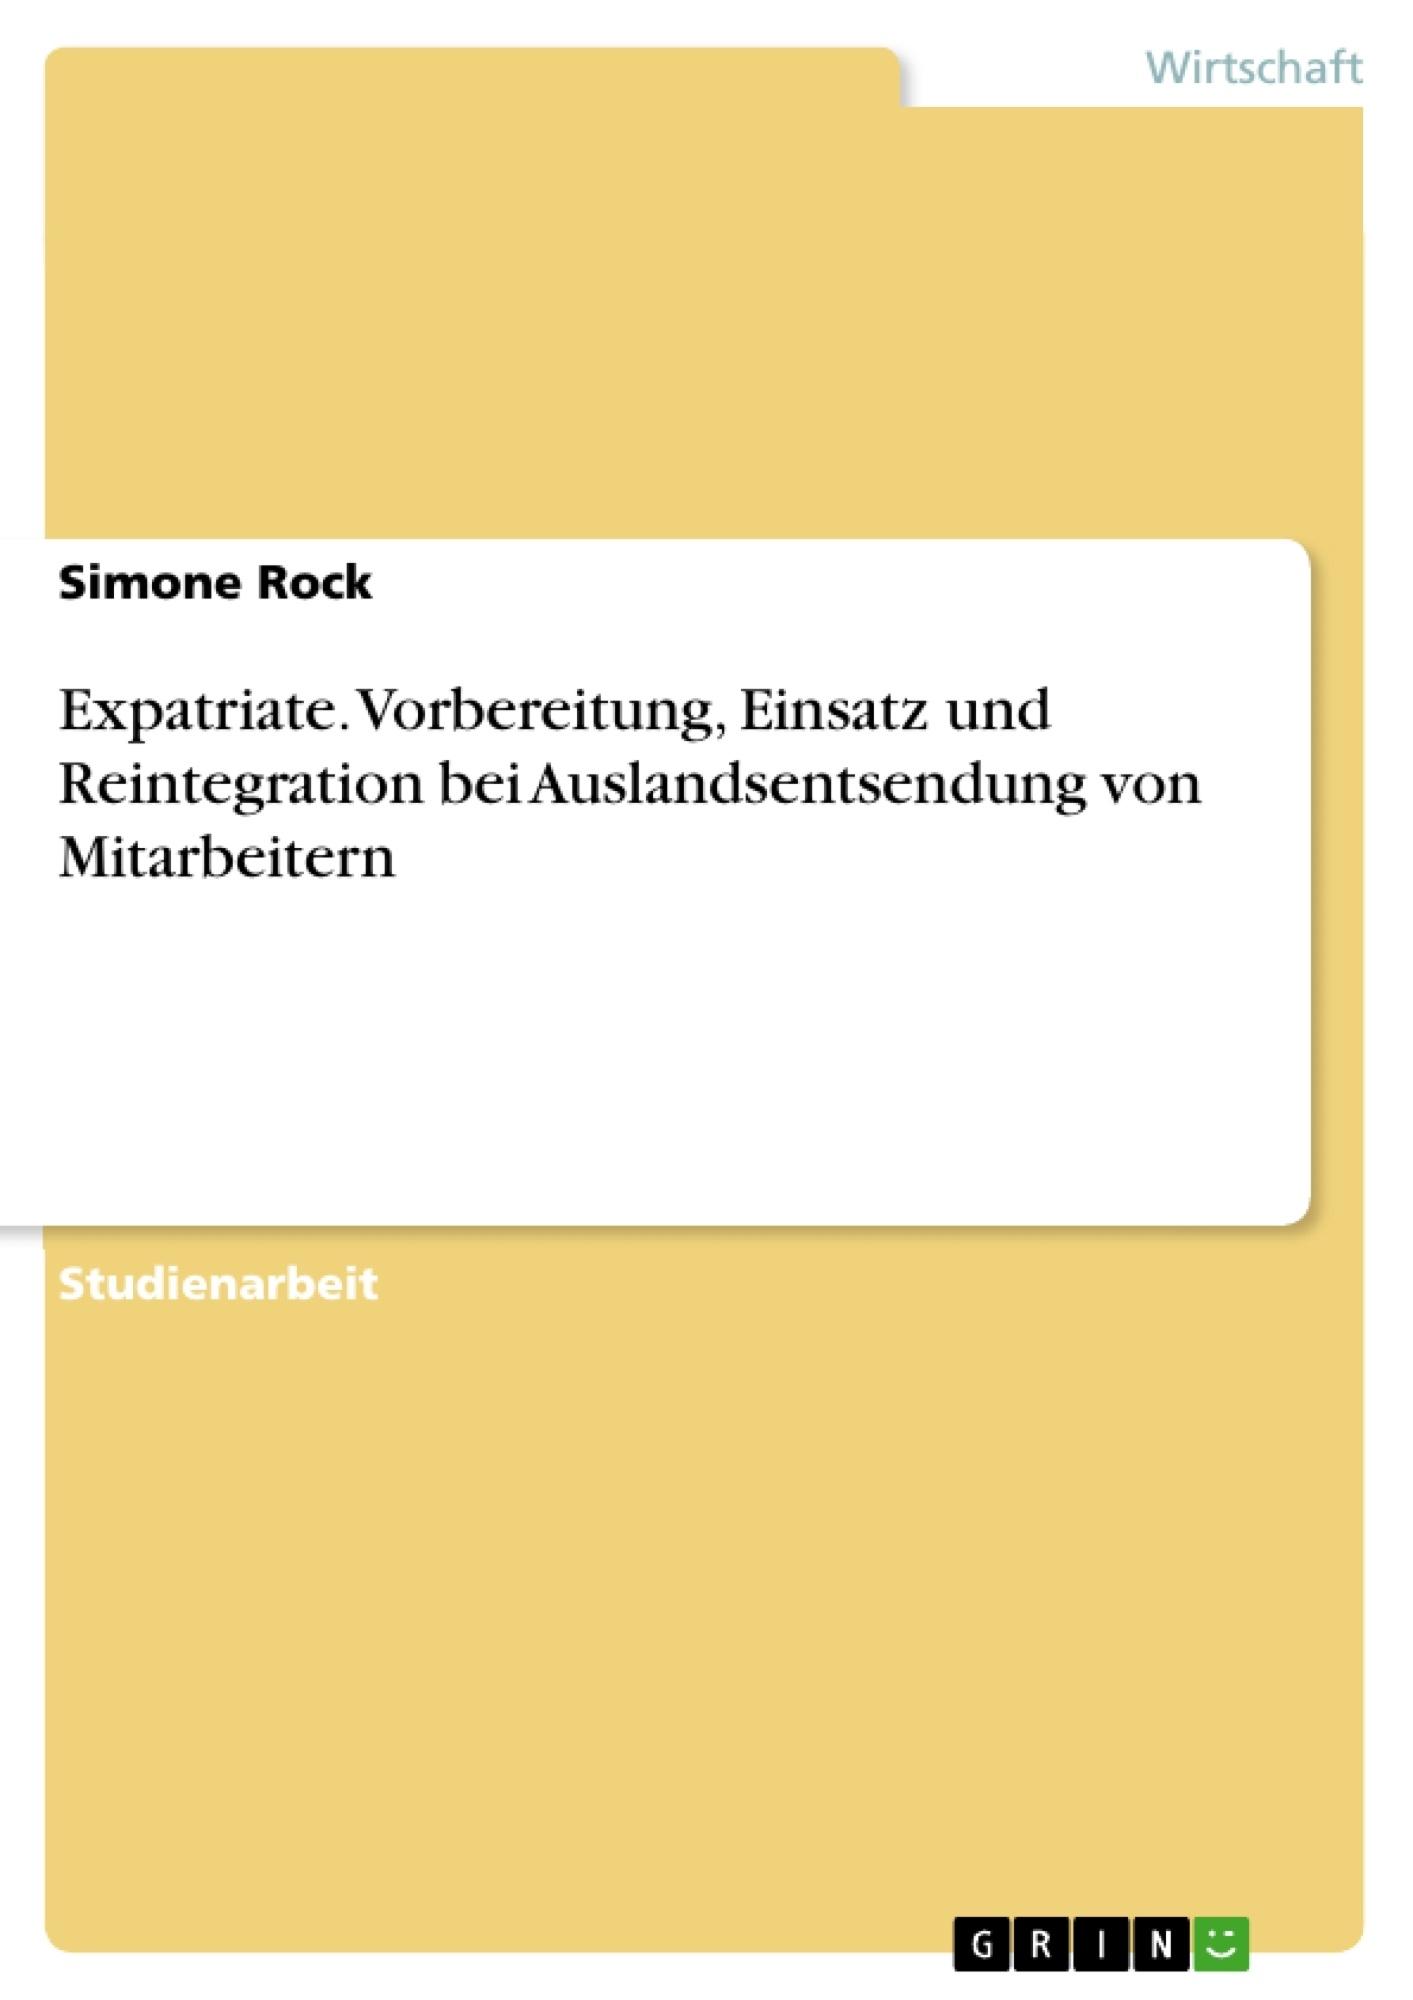 Titel: Expatriate. Vorbereitung, Einsatz und Reintegration bei Auslandsentsendung von Mitarbeitern